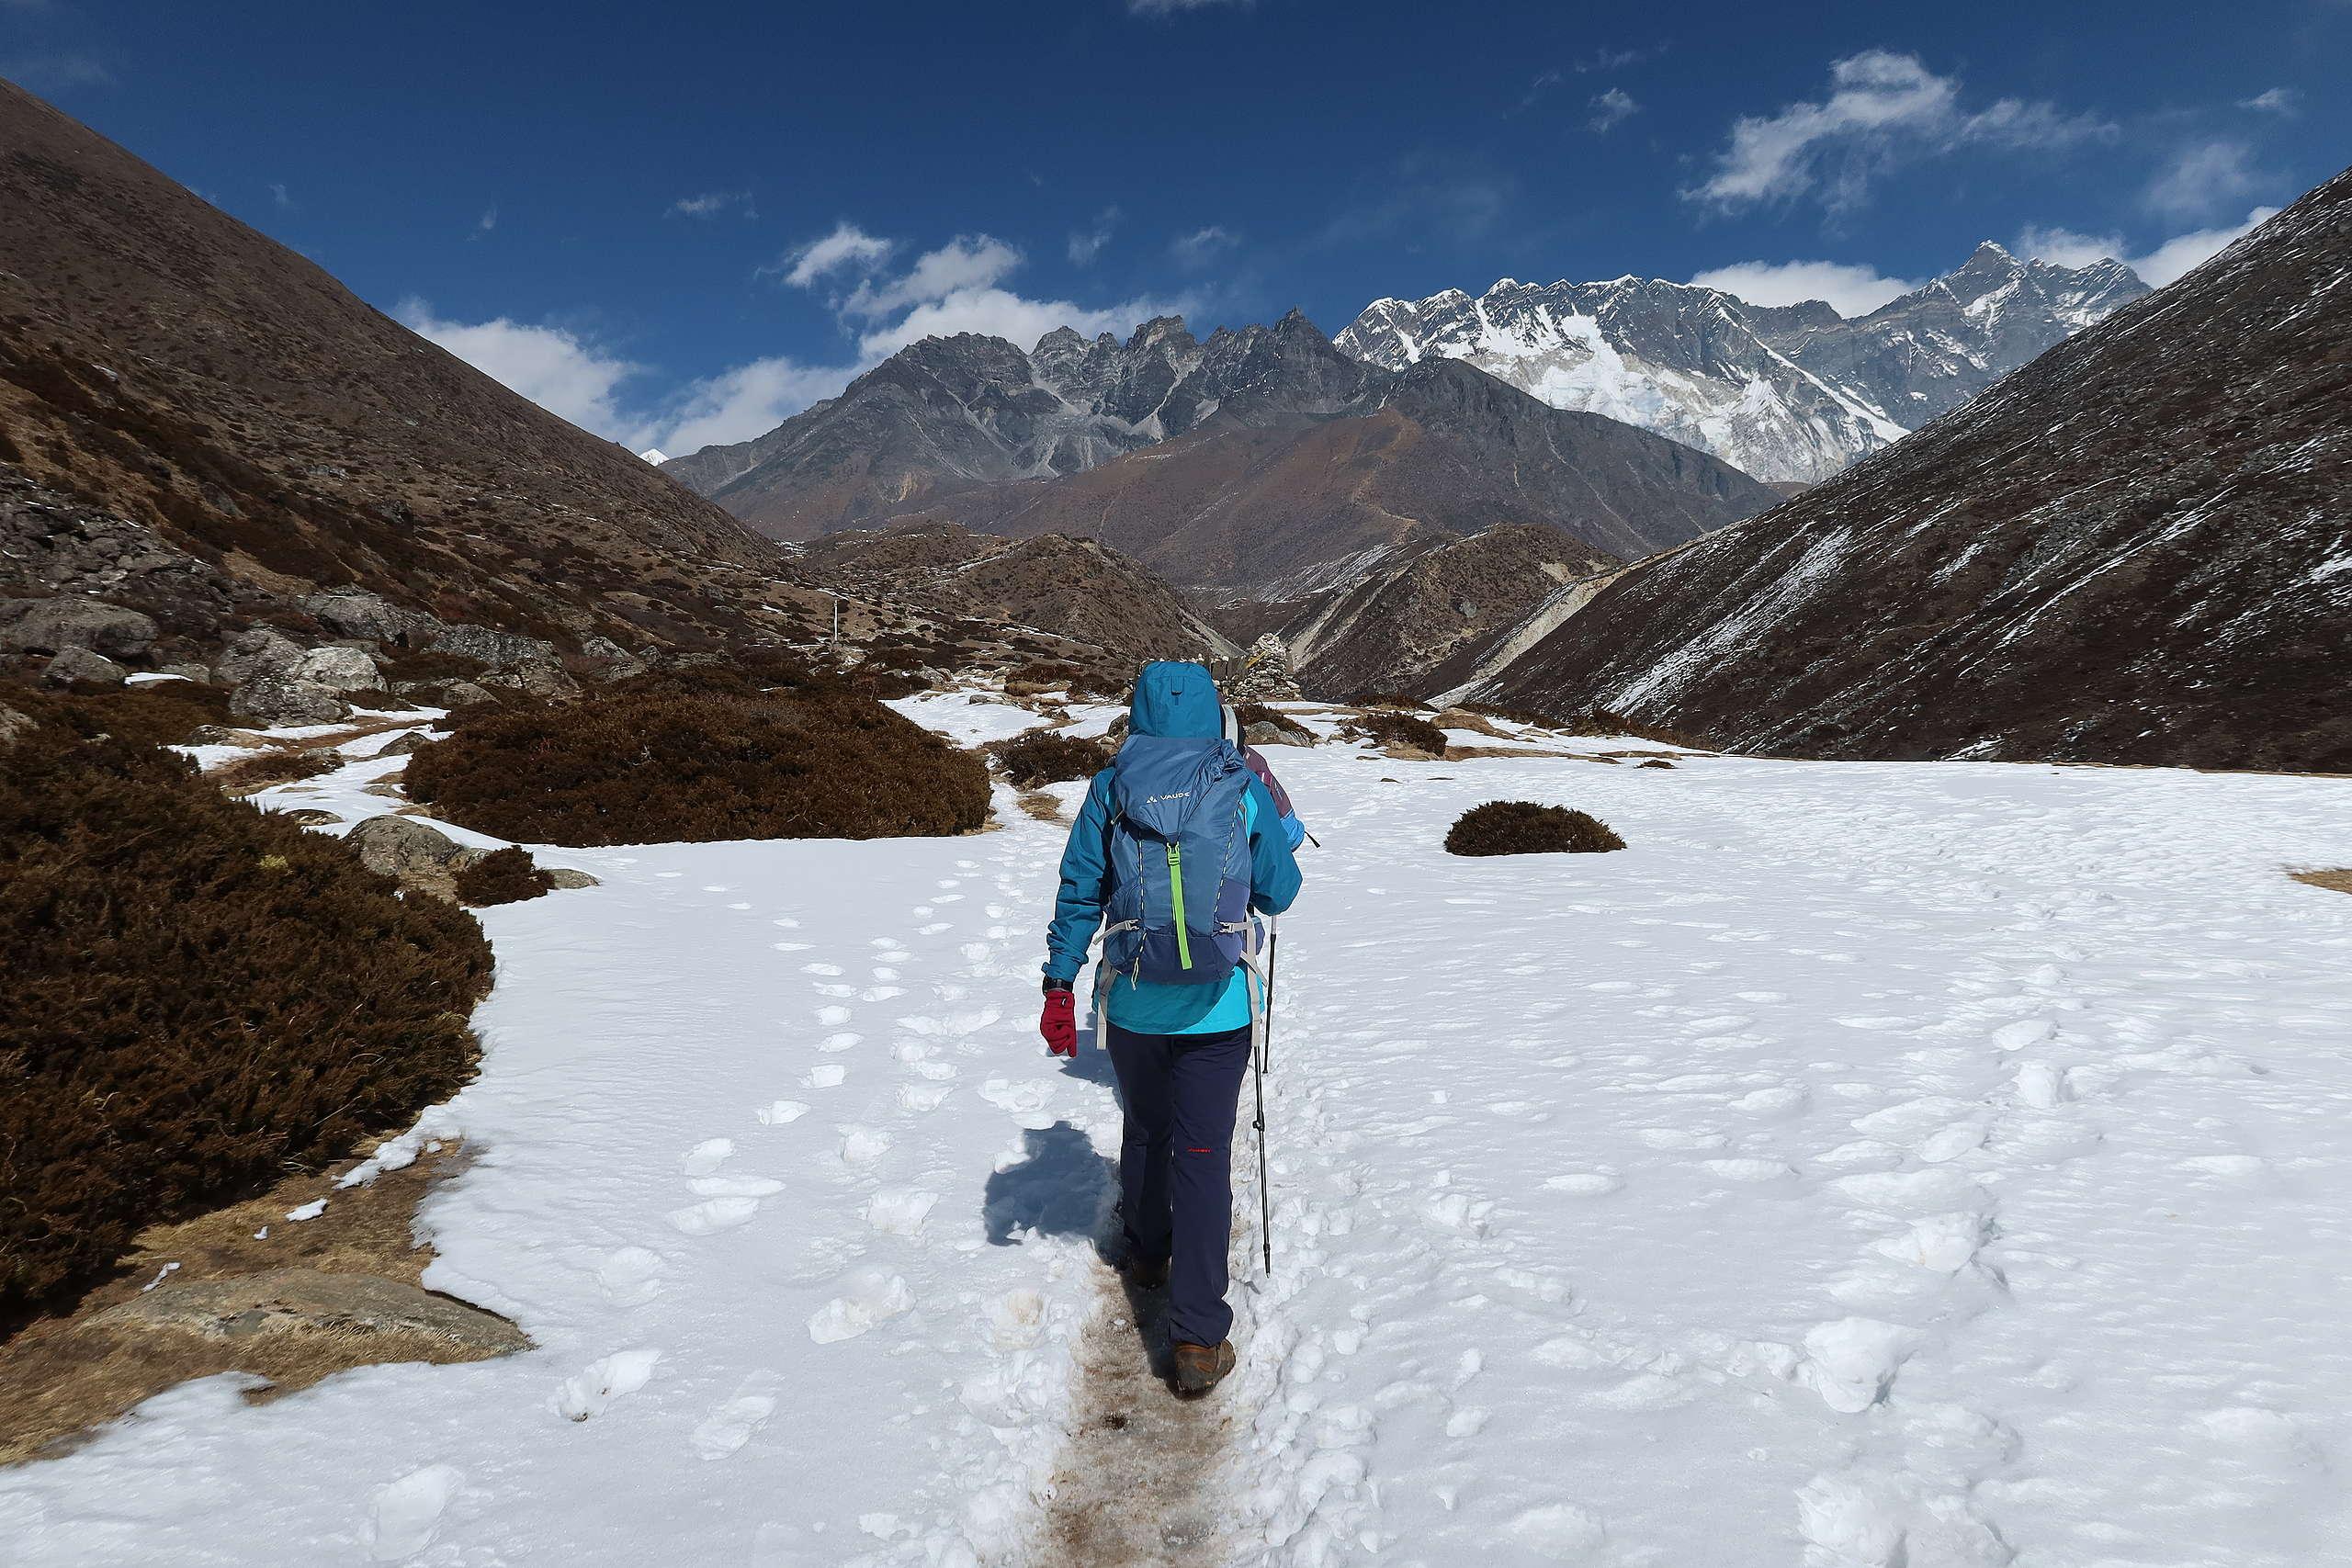 聖母峰有地球「第三極」之稱,對於氣候變遷的影響特別敏感,近年環境也有明顯改變,甚至容易引發雪崩與意外。